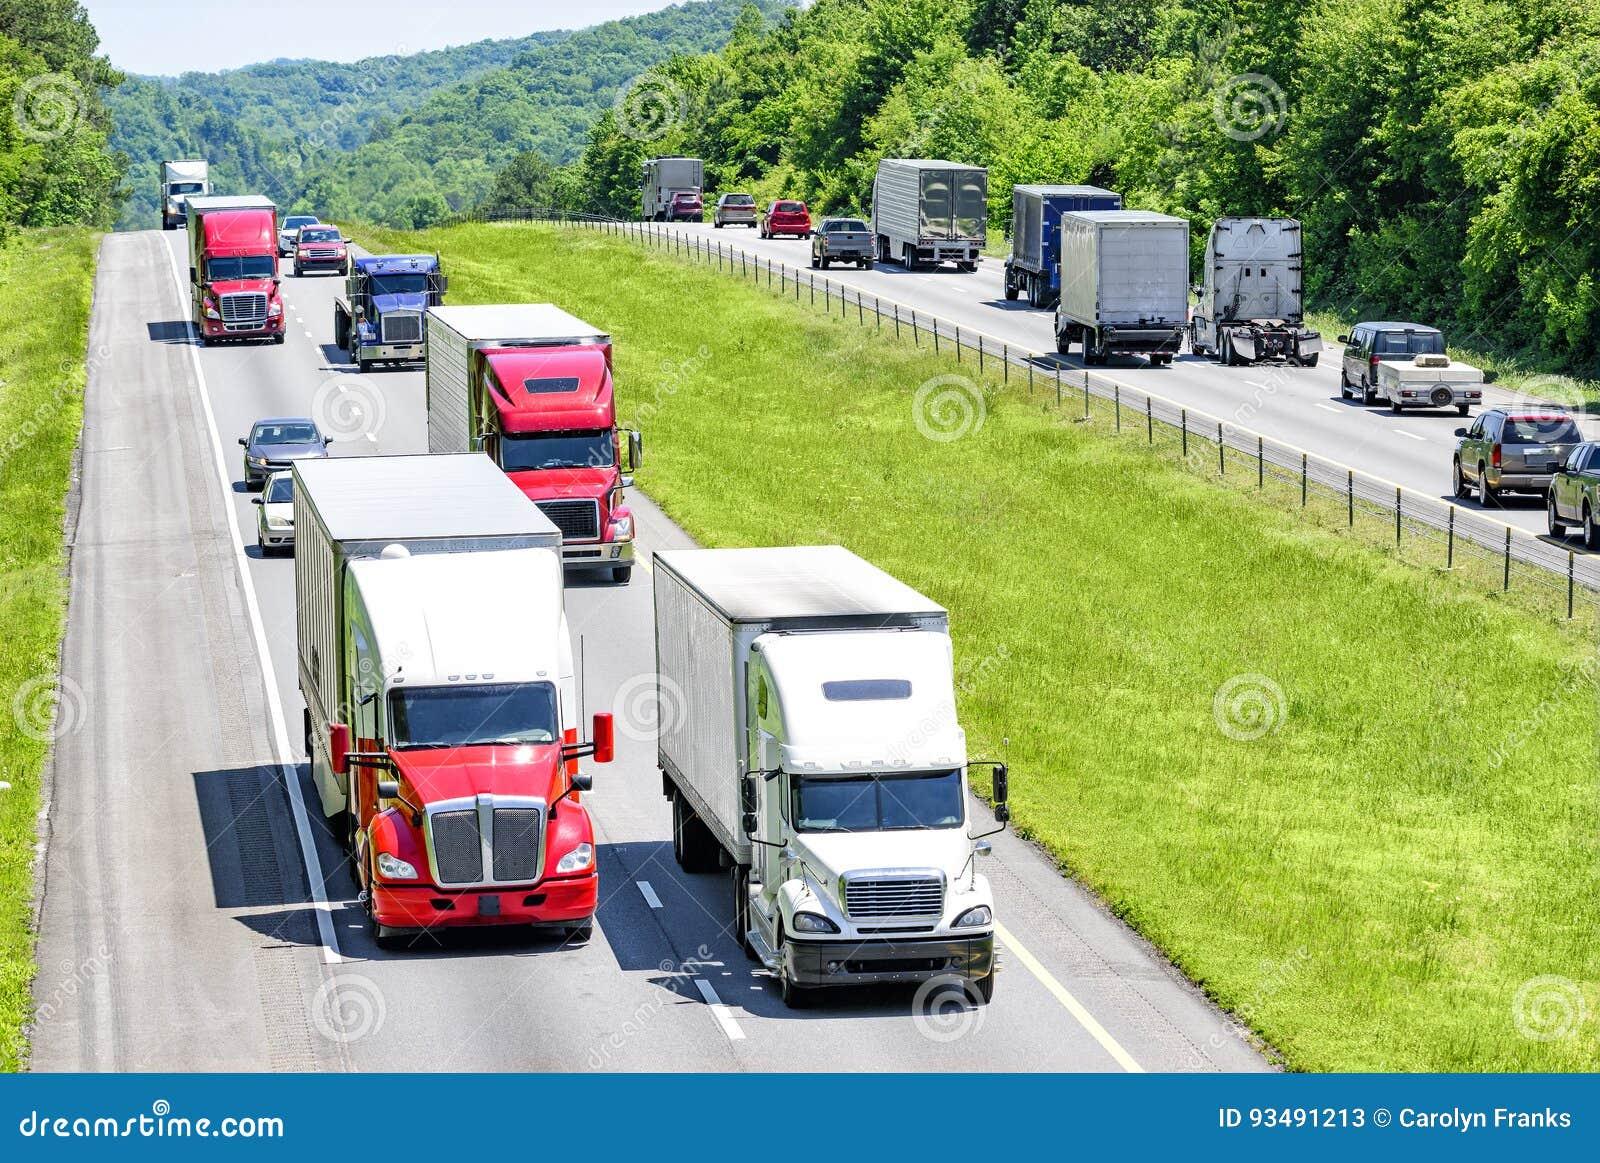 Ett tungt flöde av 18 person som drar en skottkärra pepprade med bilar, och SUVs rullar ner Tennessee en mellanstatlig huvudväg